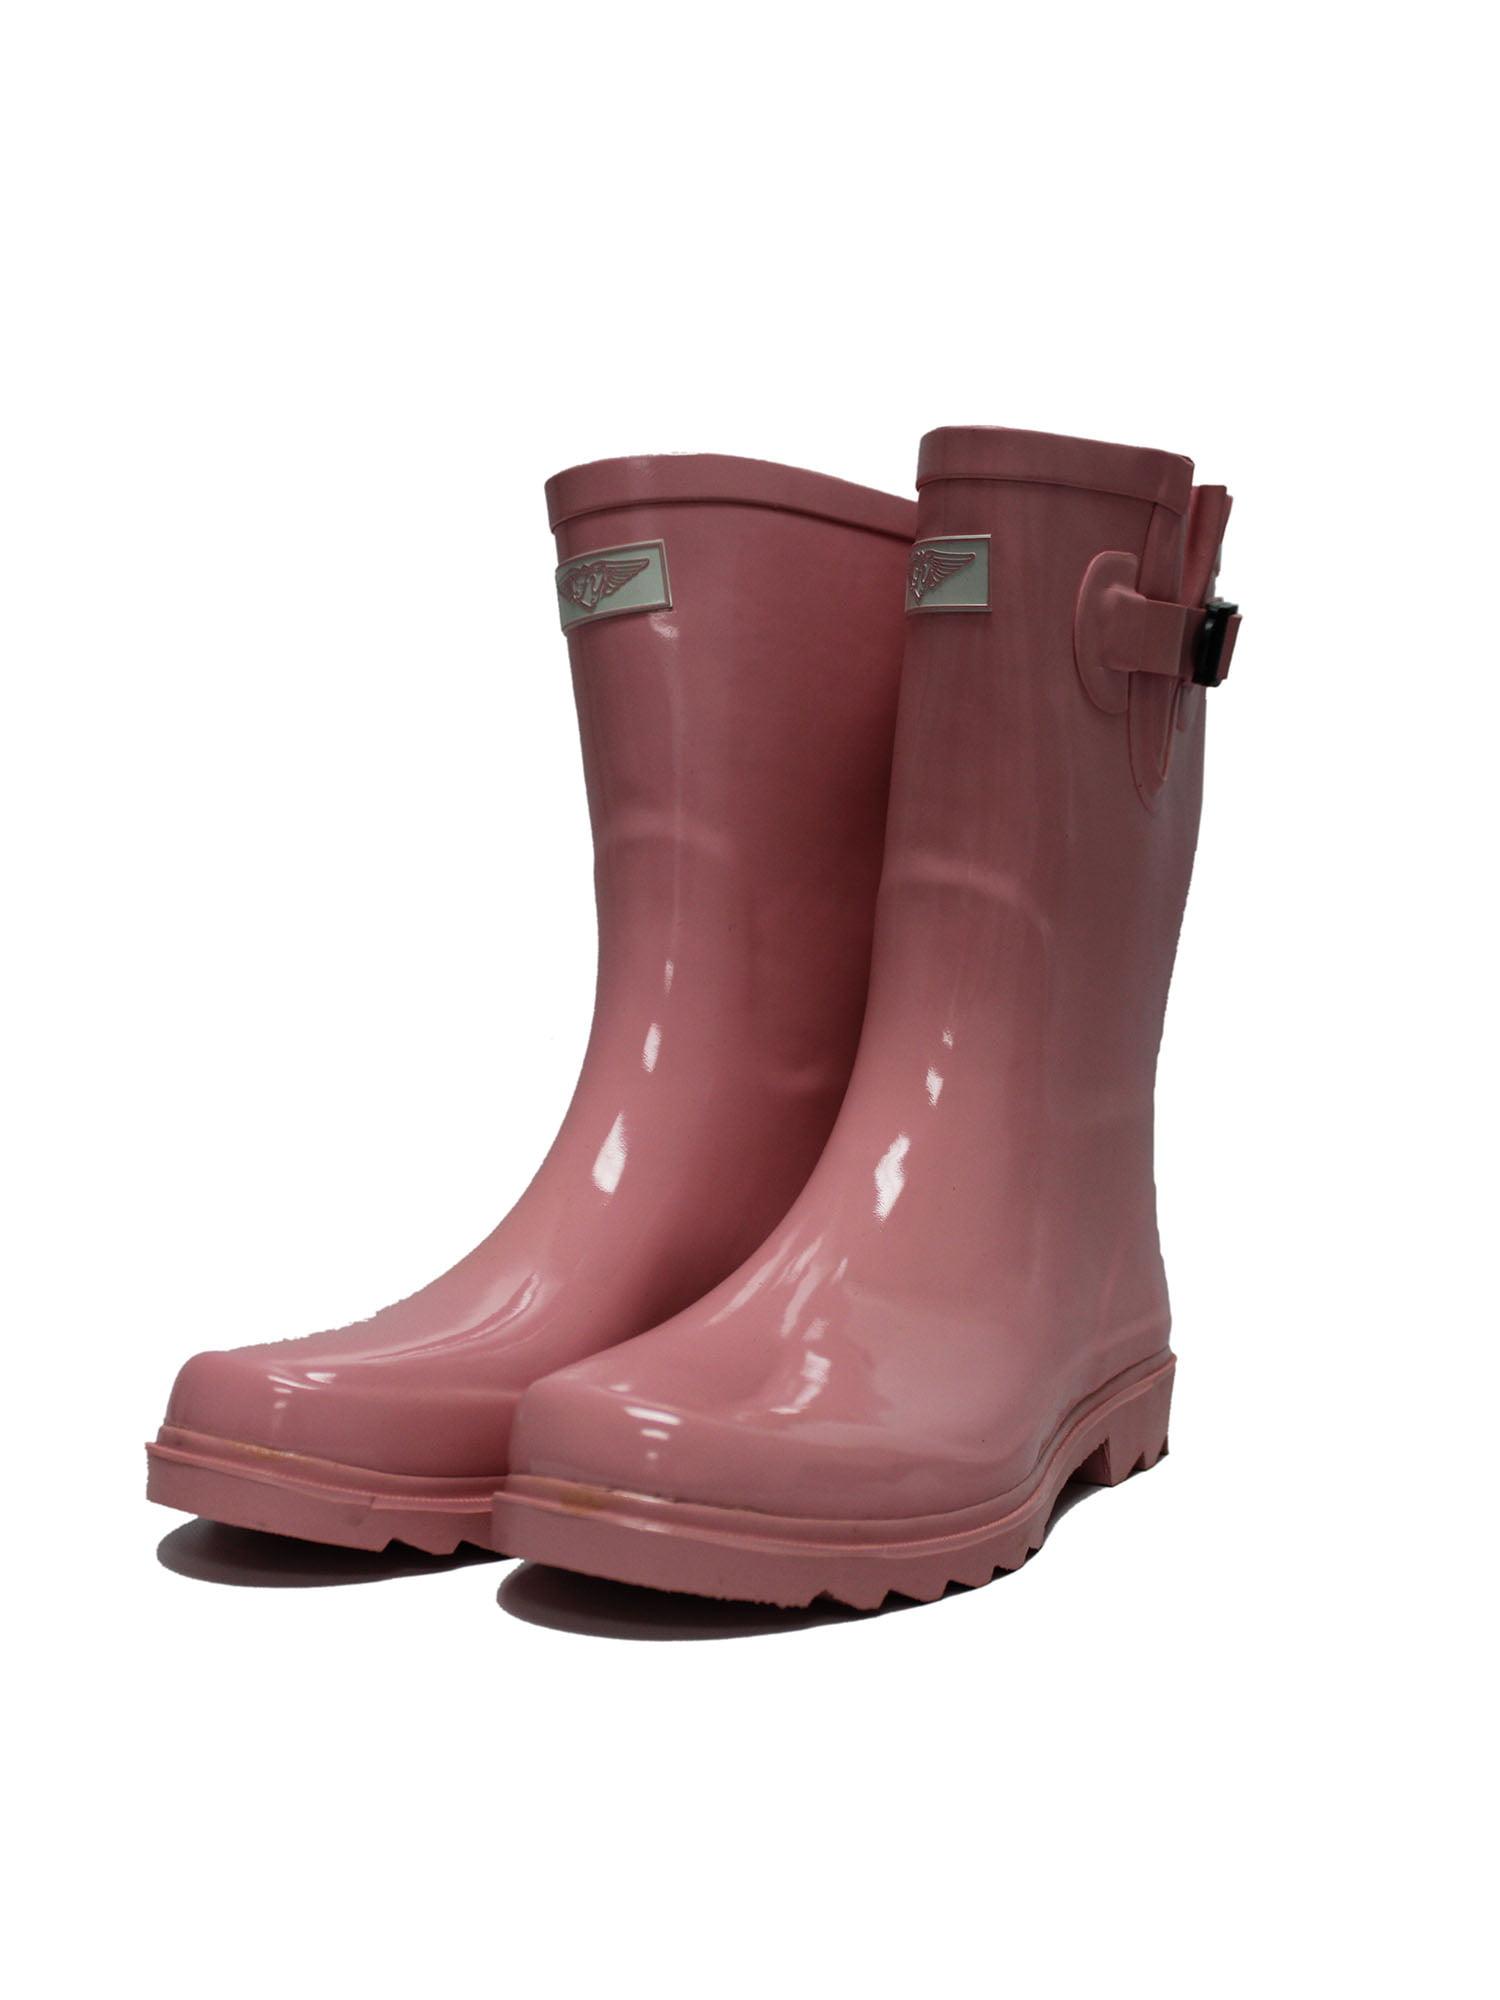 Slip Resistant Rubber Women Rain Boots